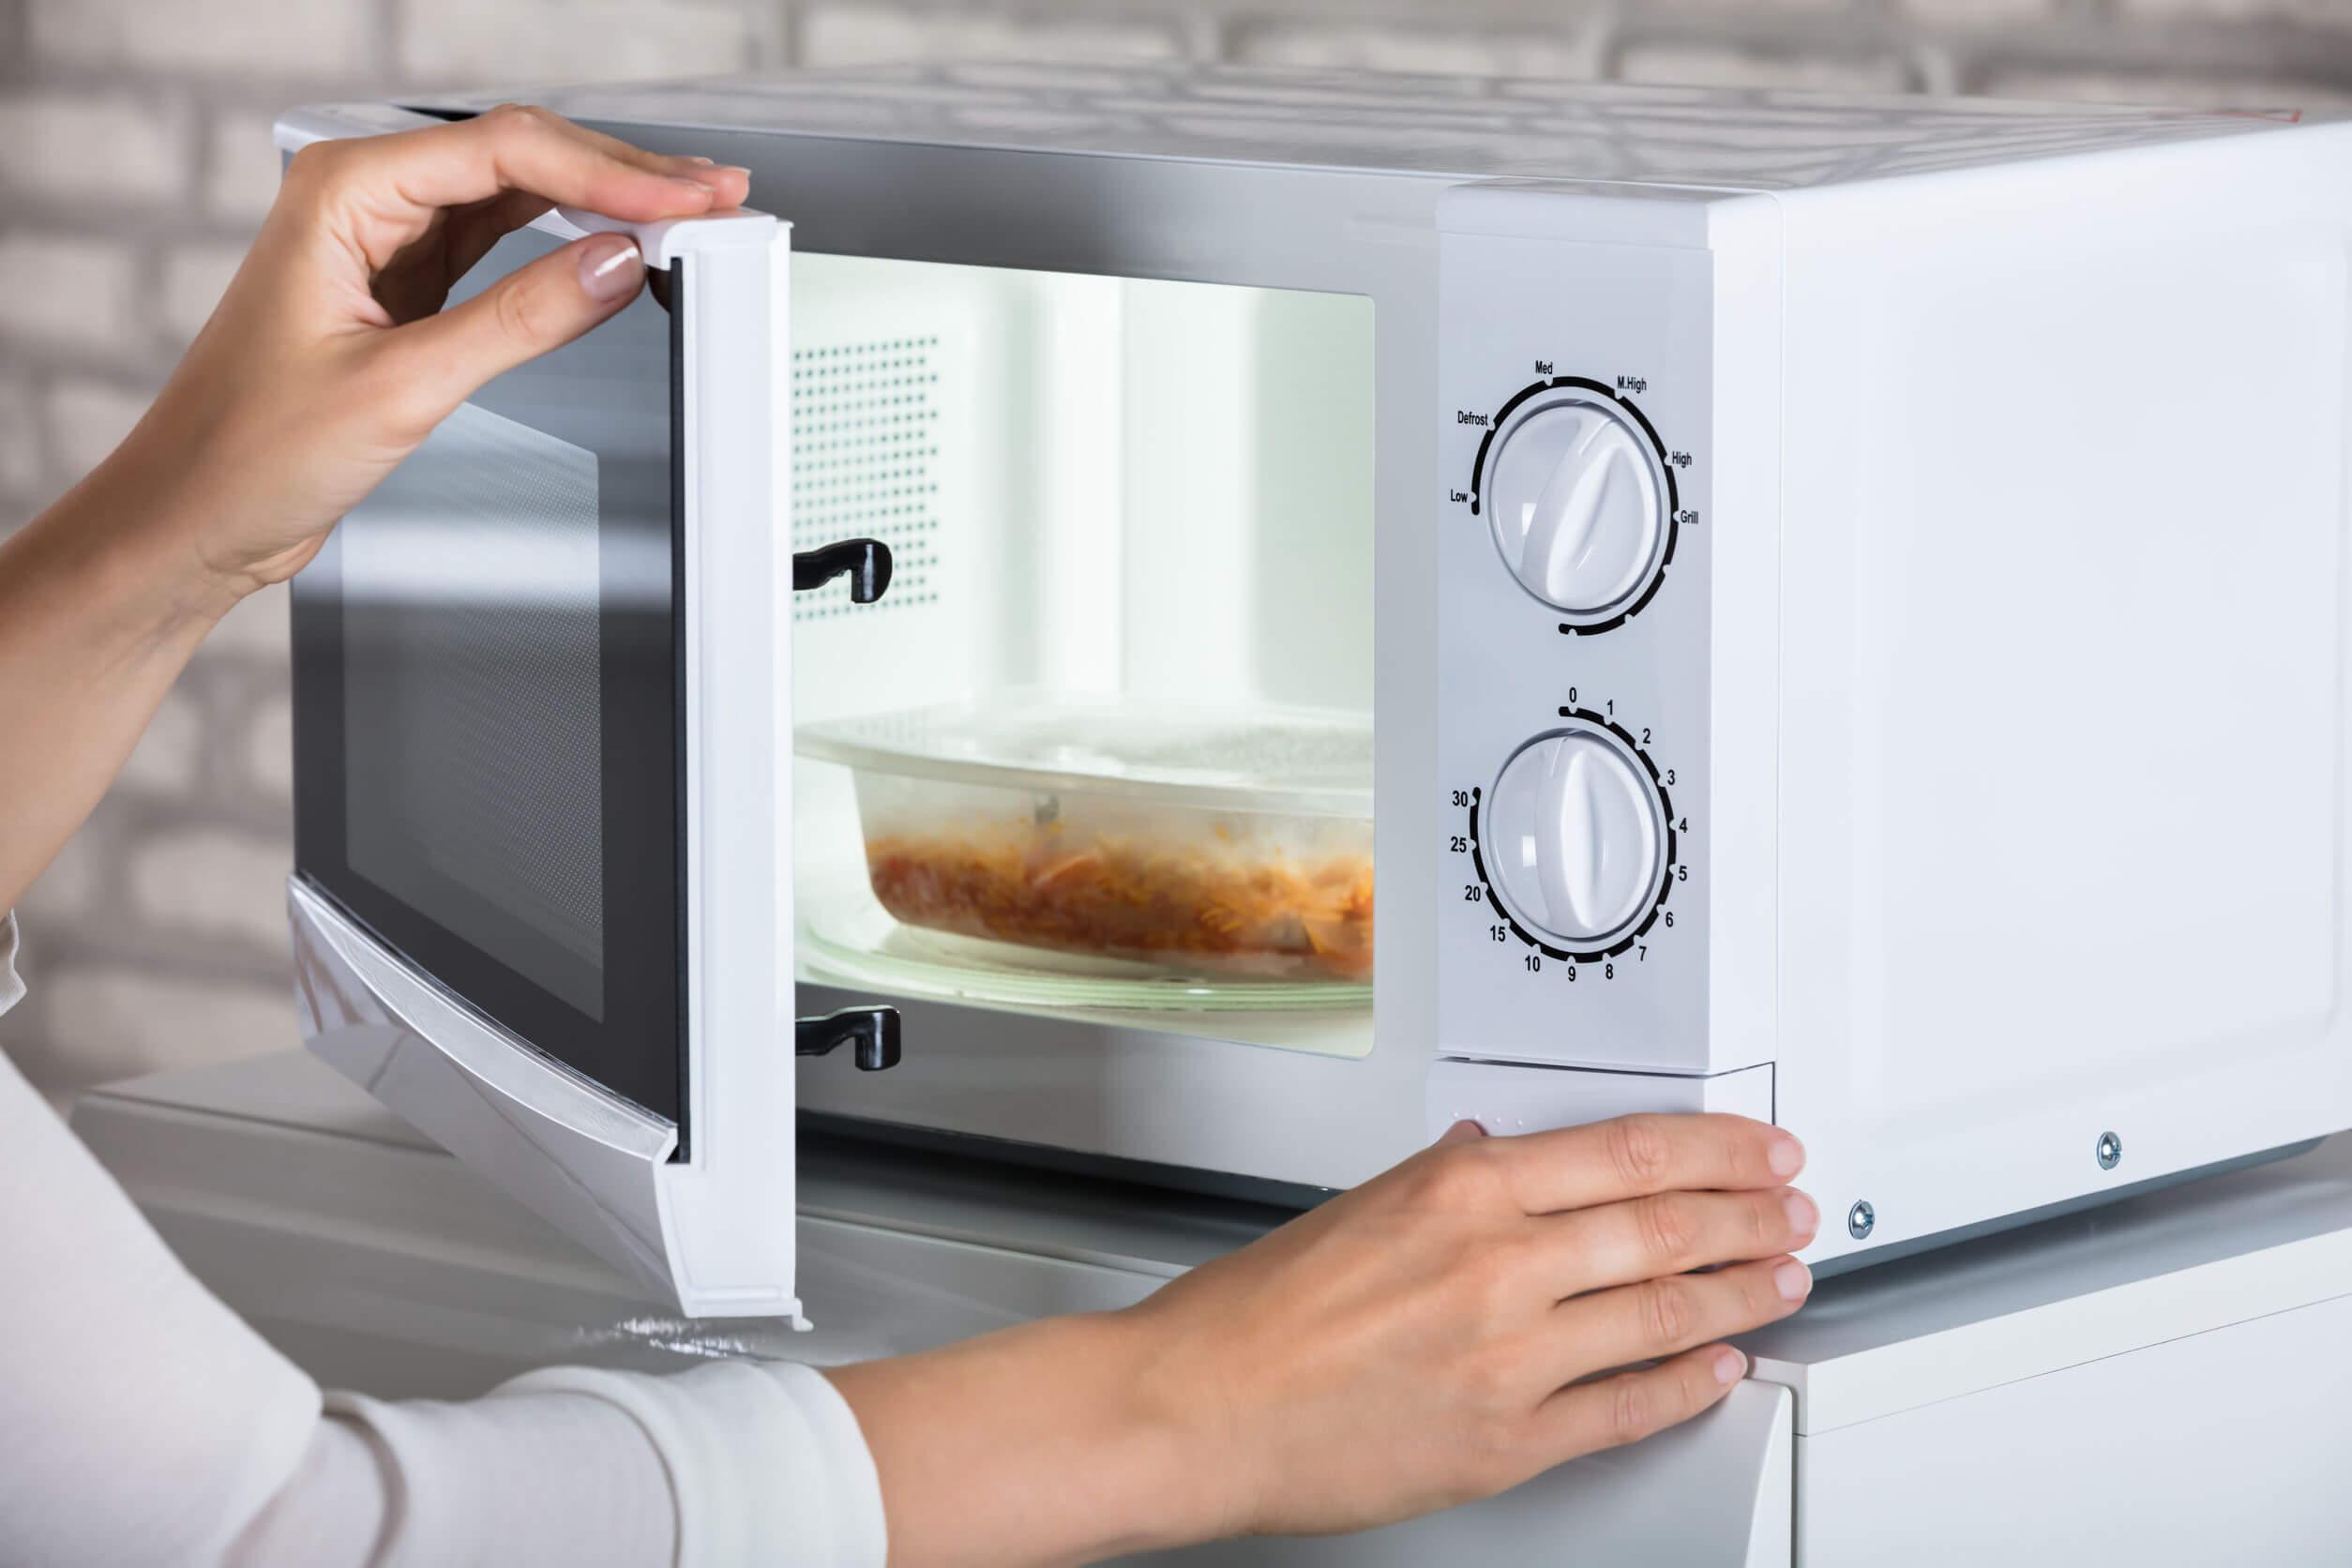 Los alimentos congelados deben prepararse antes de ser consumidos.